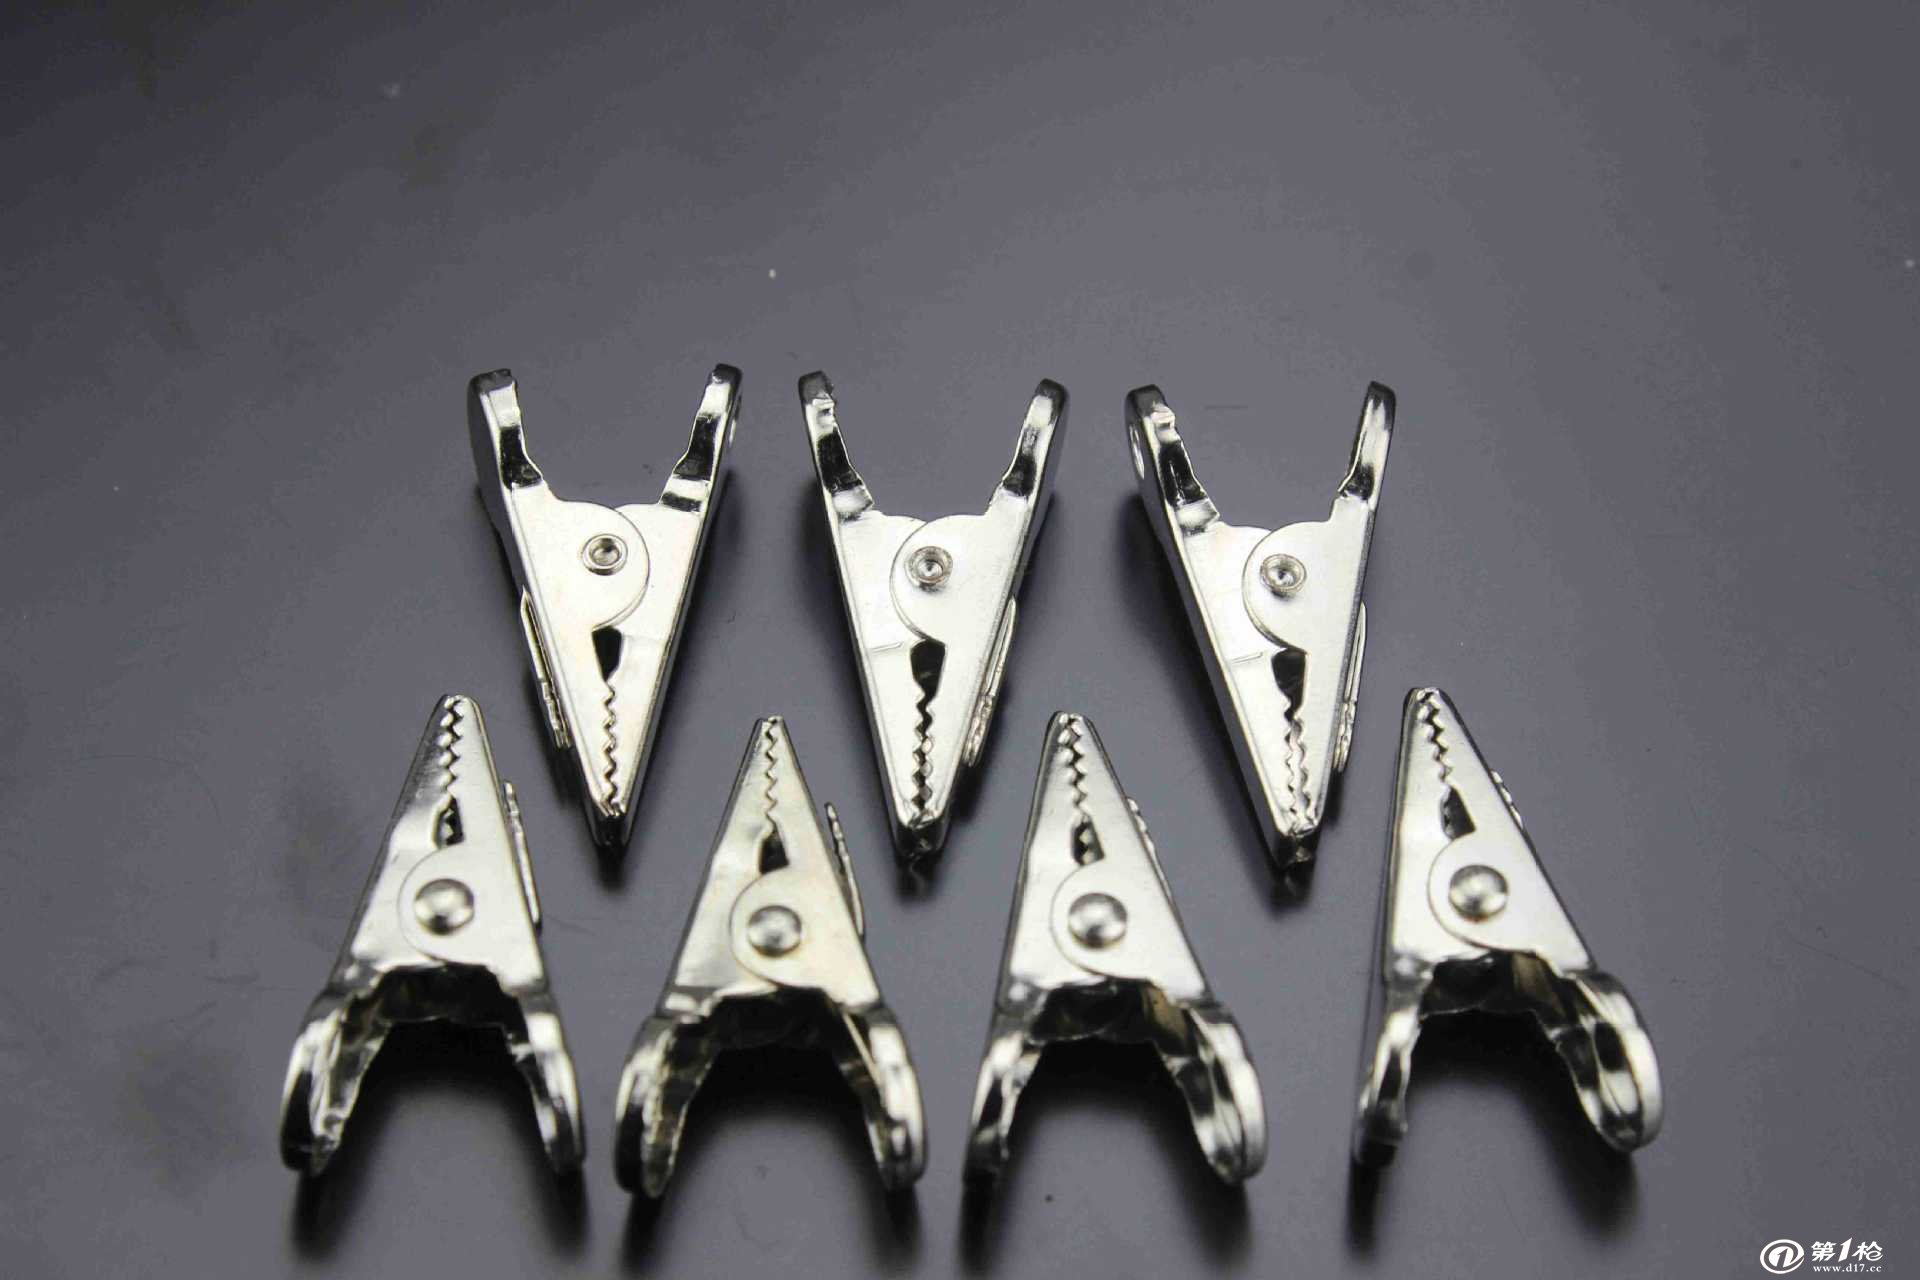 厂家供应 批发 金属两头圆不锈钢夹子 鳄鱼型金属夹子